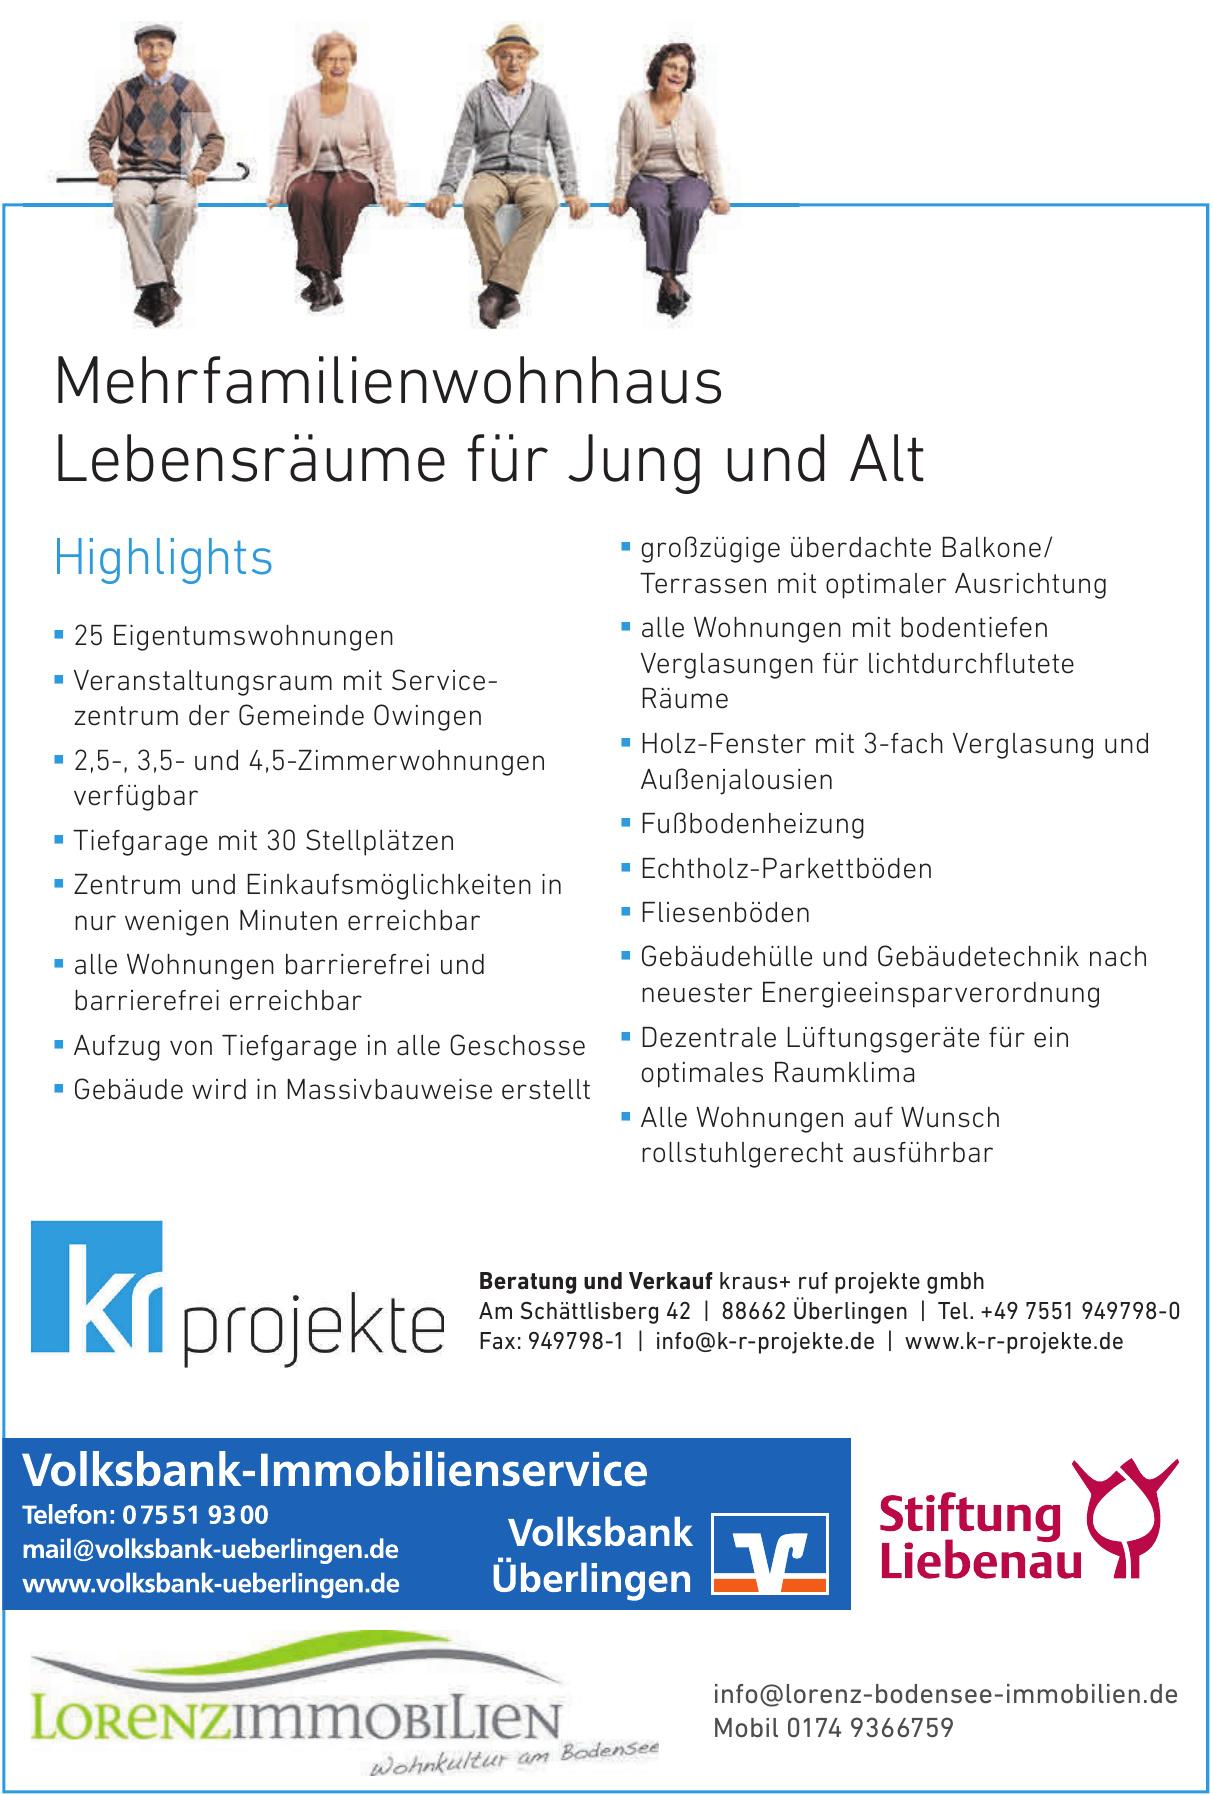 Beratung und Verkauf kraus+ ruf projekte GmbH